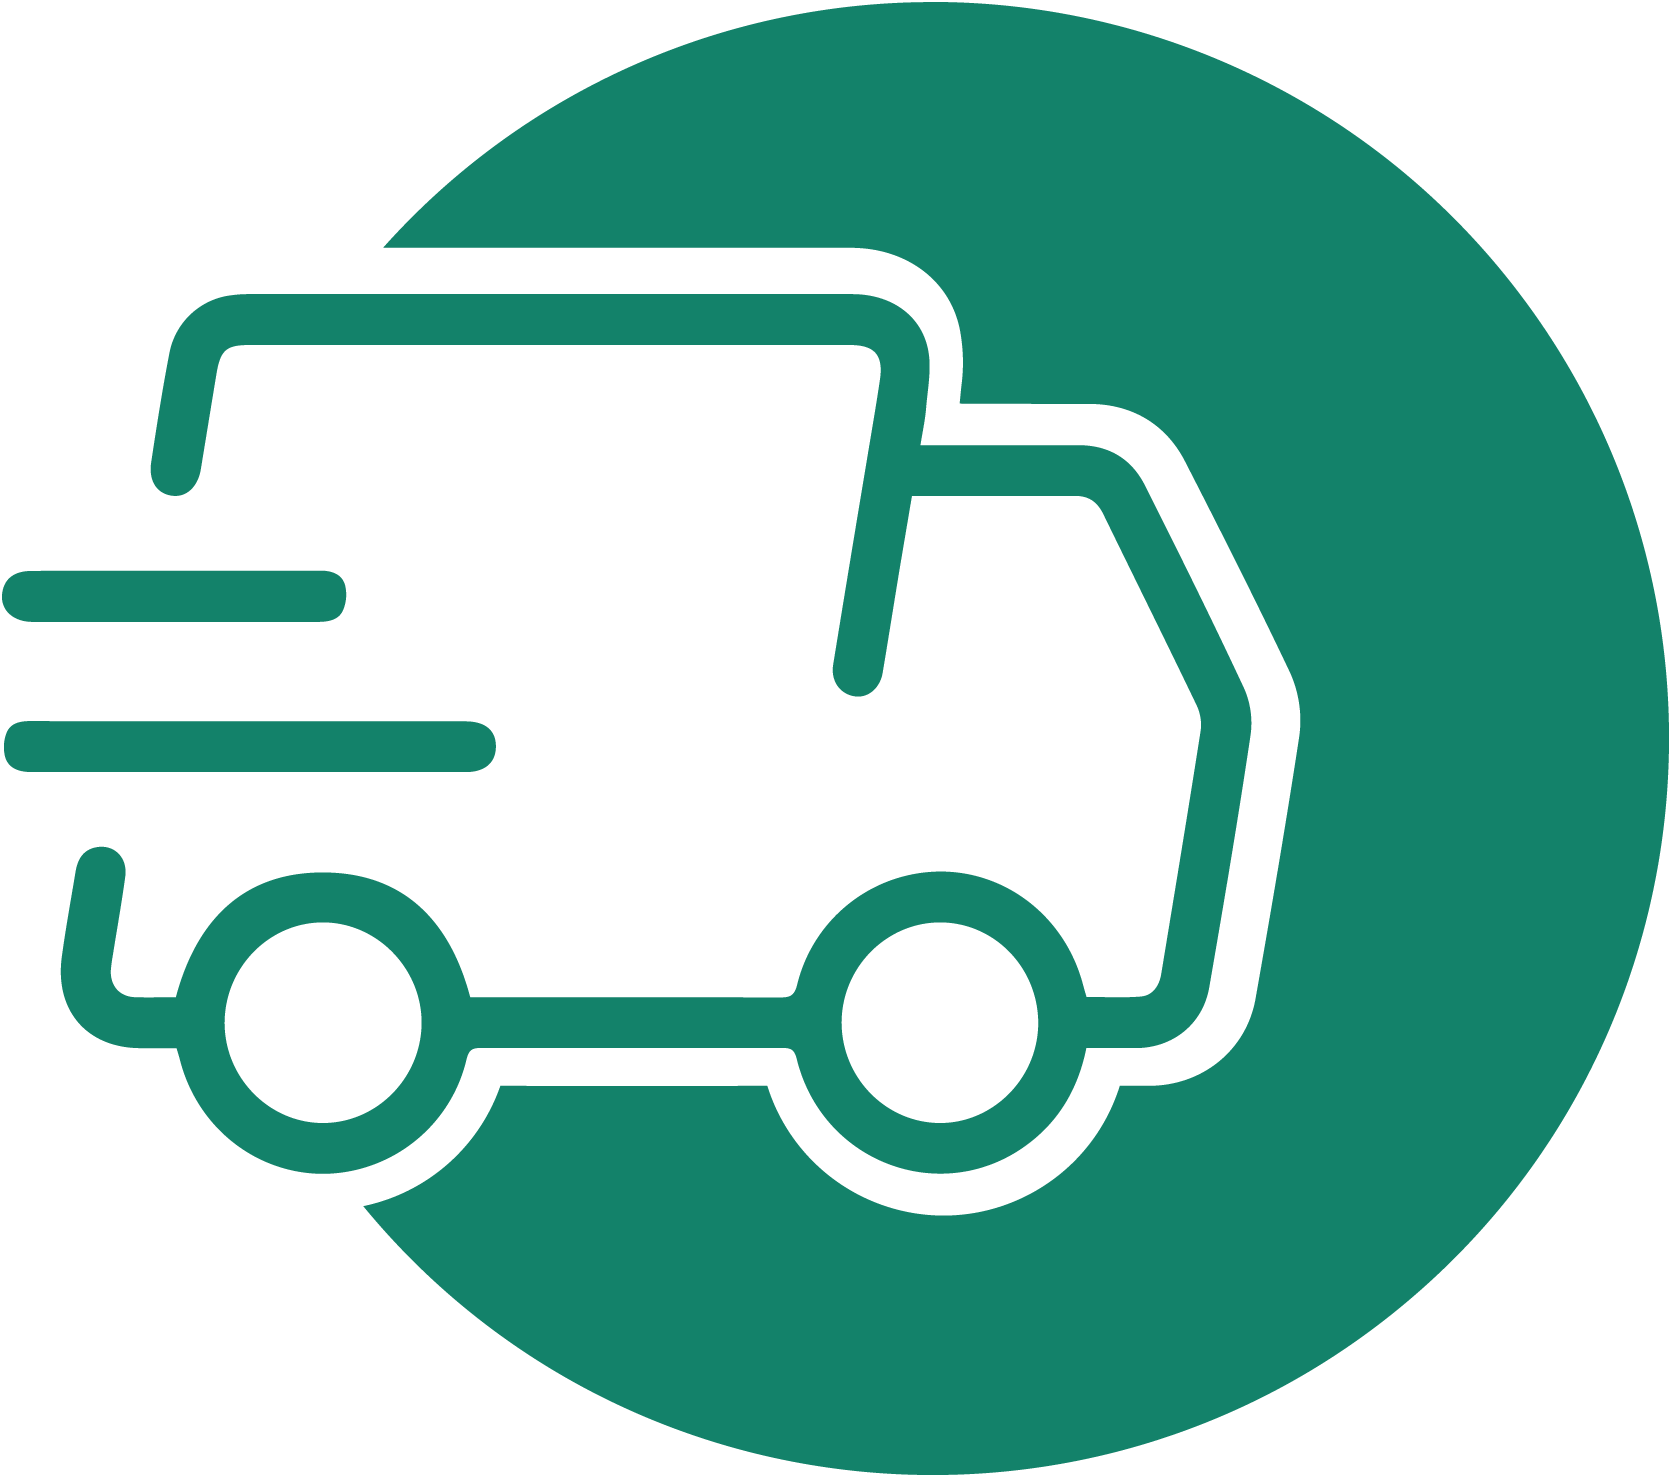 Tous nos produits sont livrés gratuitement à domicile. Un code de suivi de livraison vous sera communiqué à l'expédition .